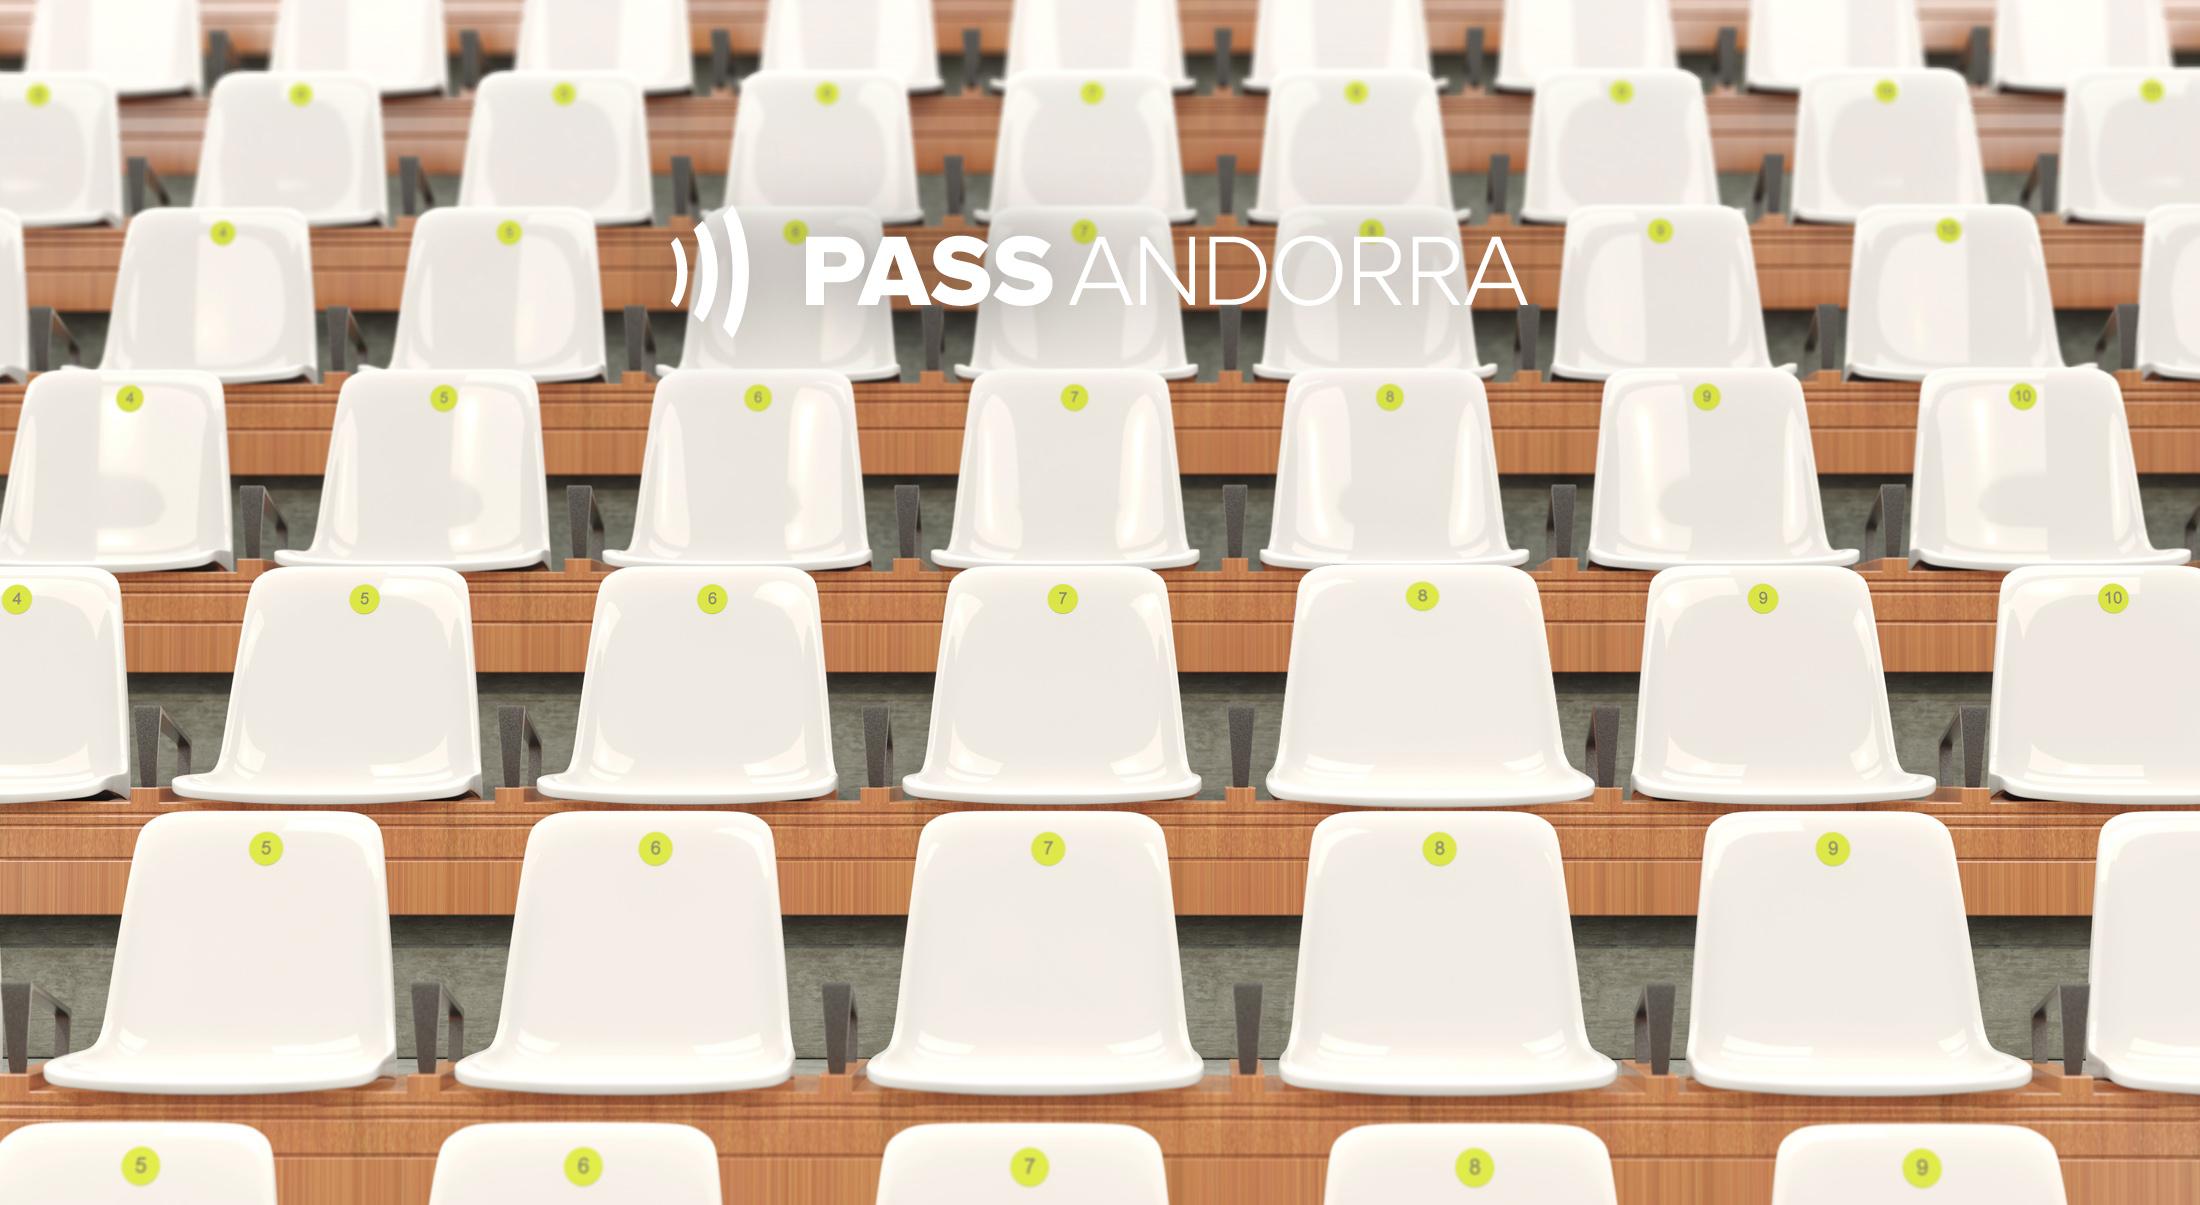 Empreses organització esdeveniments a Andorra